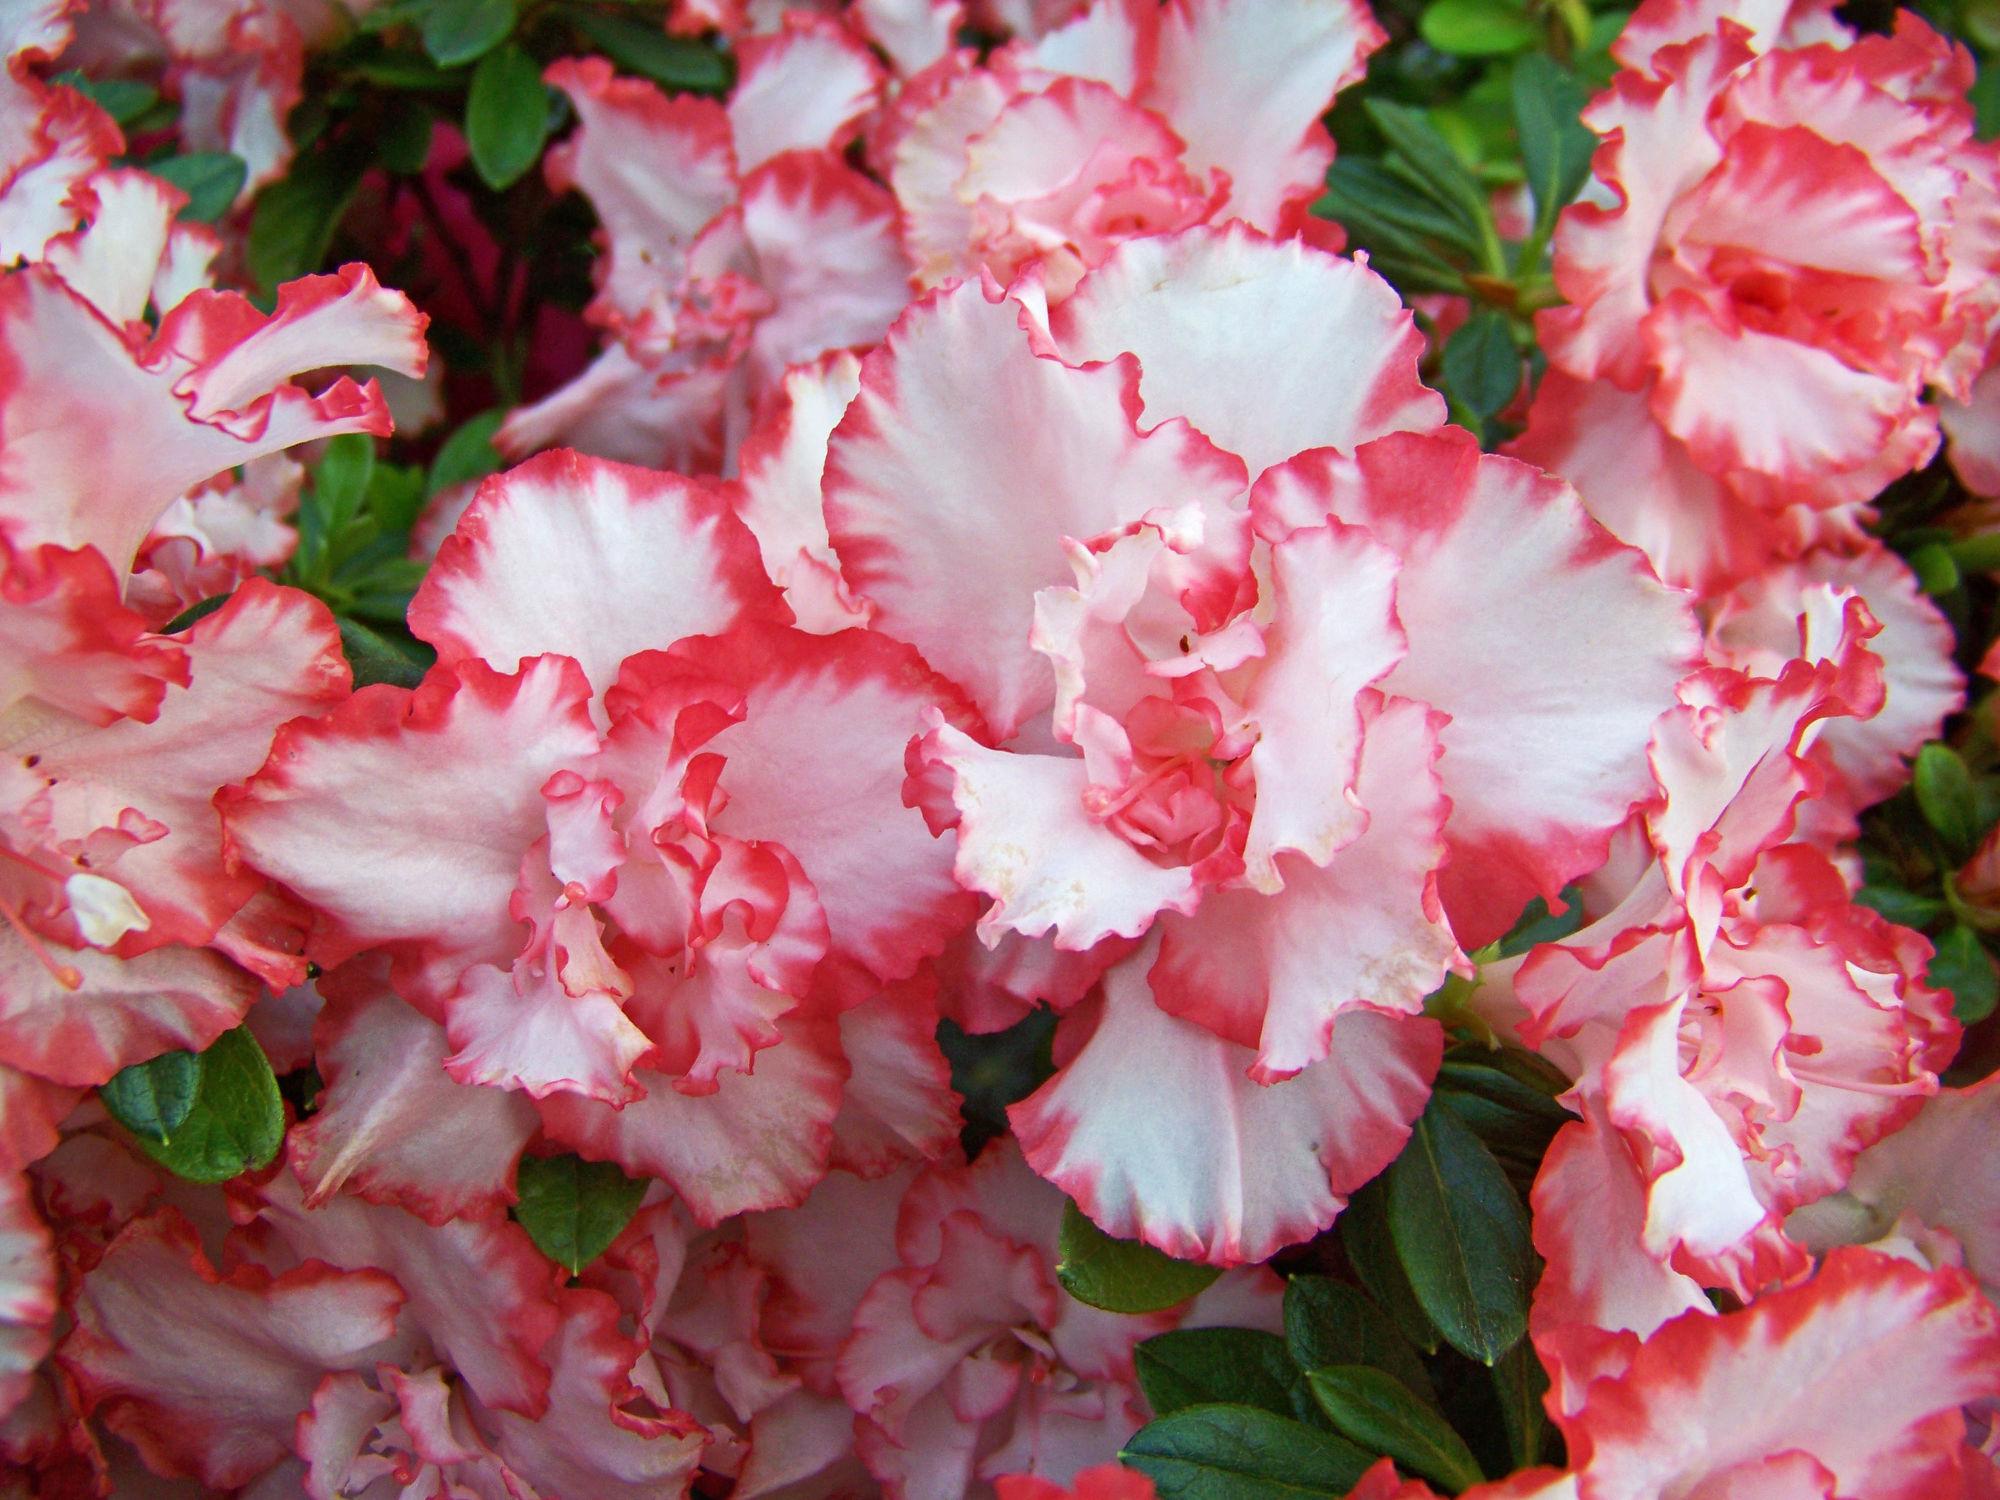 Bild mit Blumen, Frühling, Azaleen, Blume, Blüten, blüte, Rhododendron, azalee